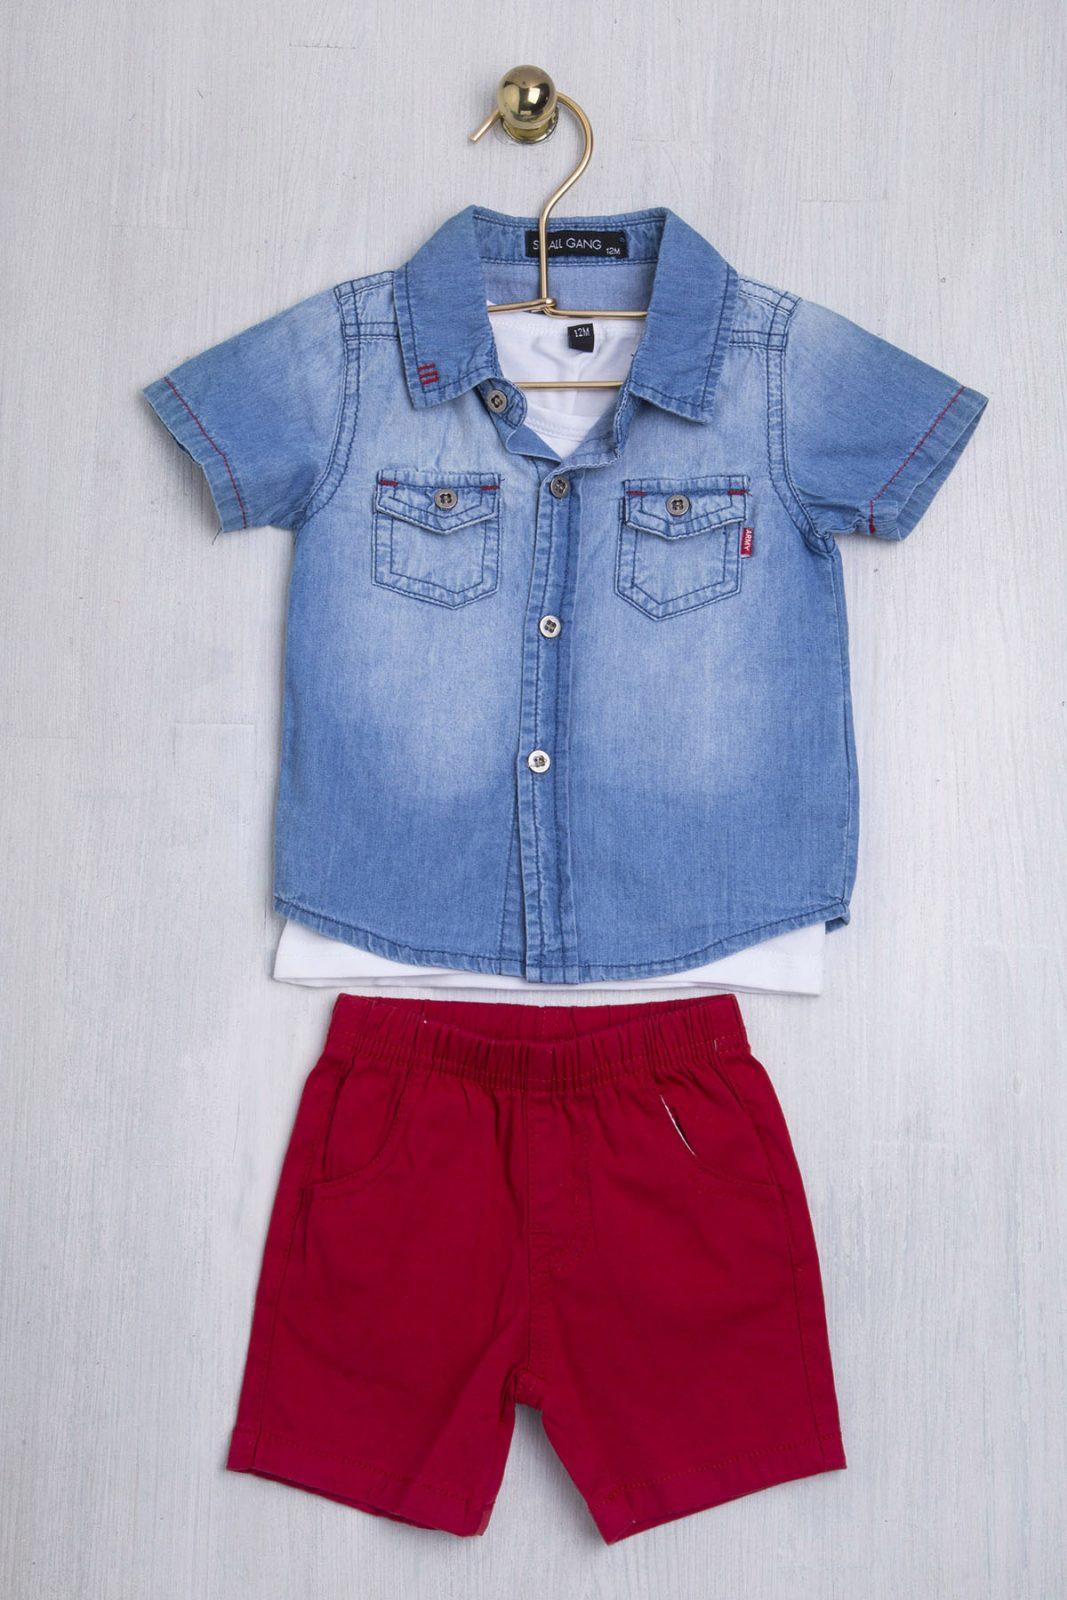 Σετ μπλούζα αμάνικη με πουκάμισο κοντομάνικο & σόρτς 1